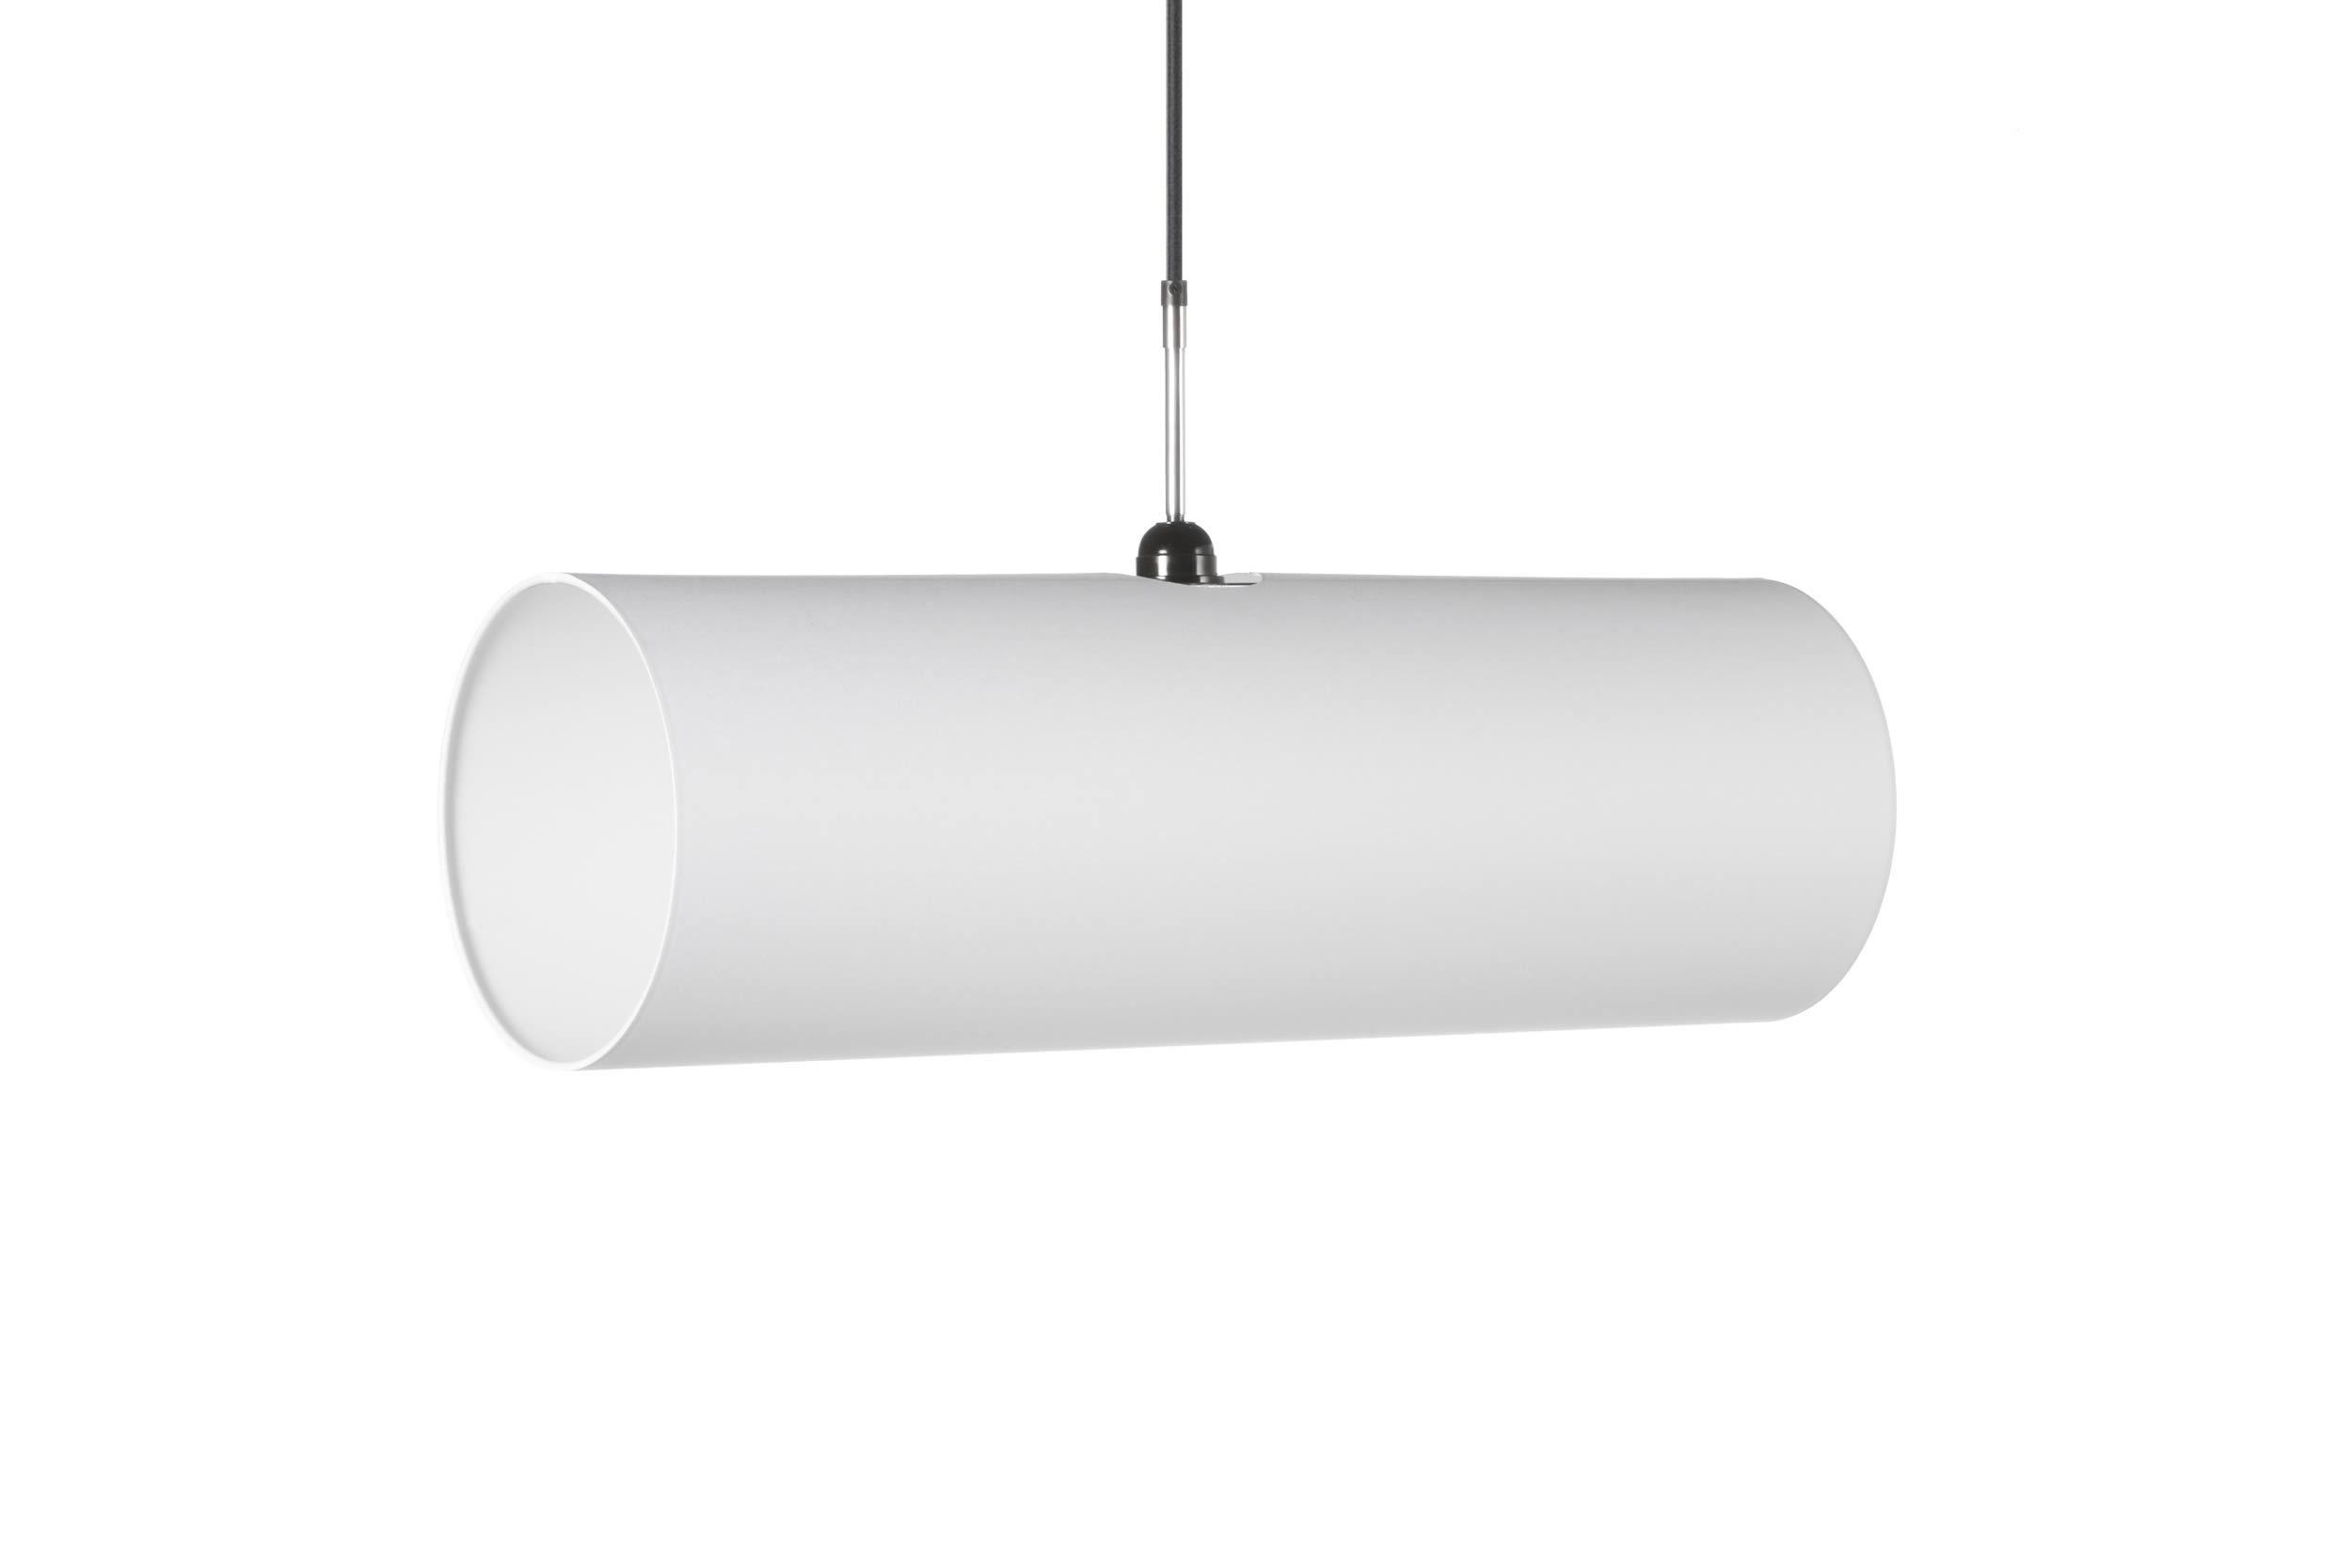 Product Image Tube